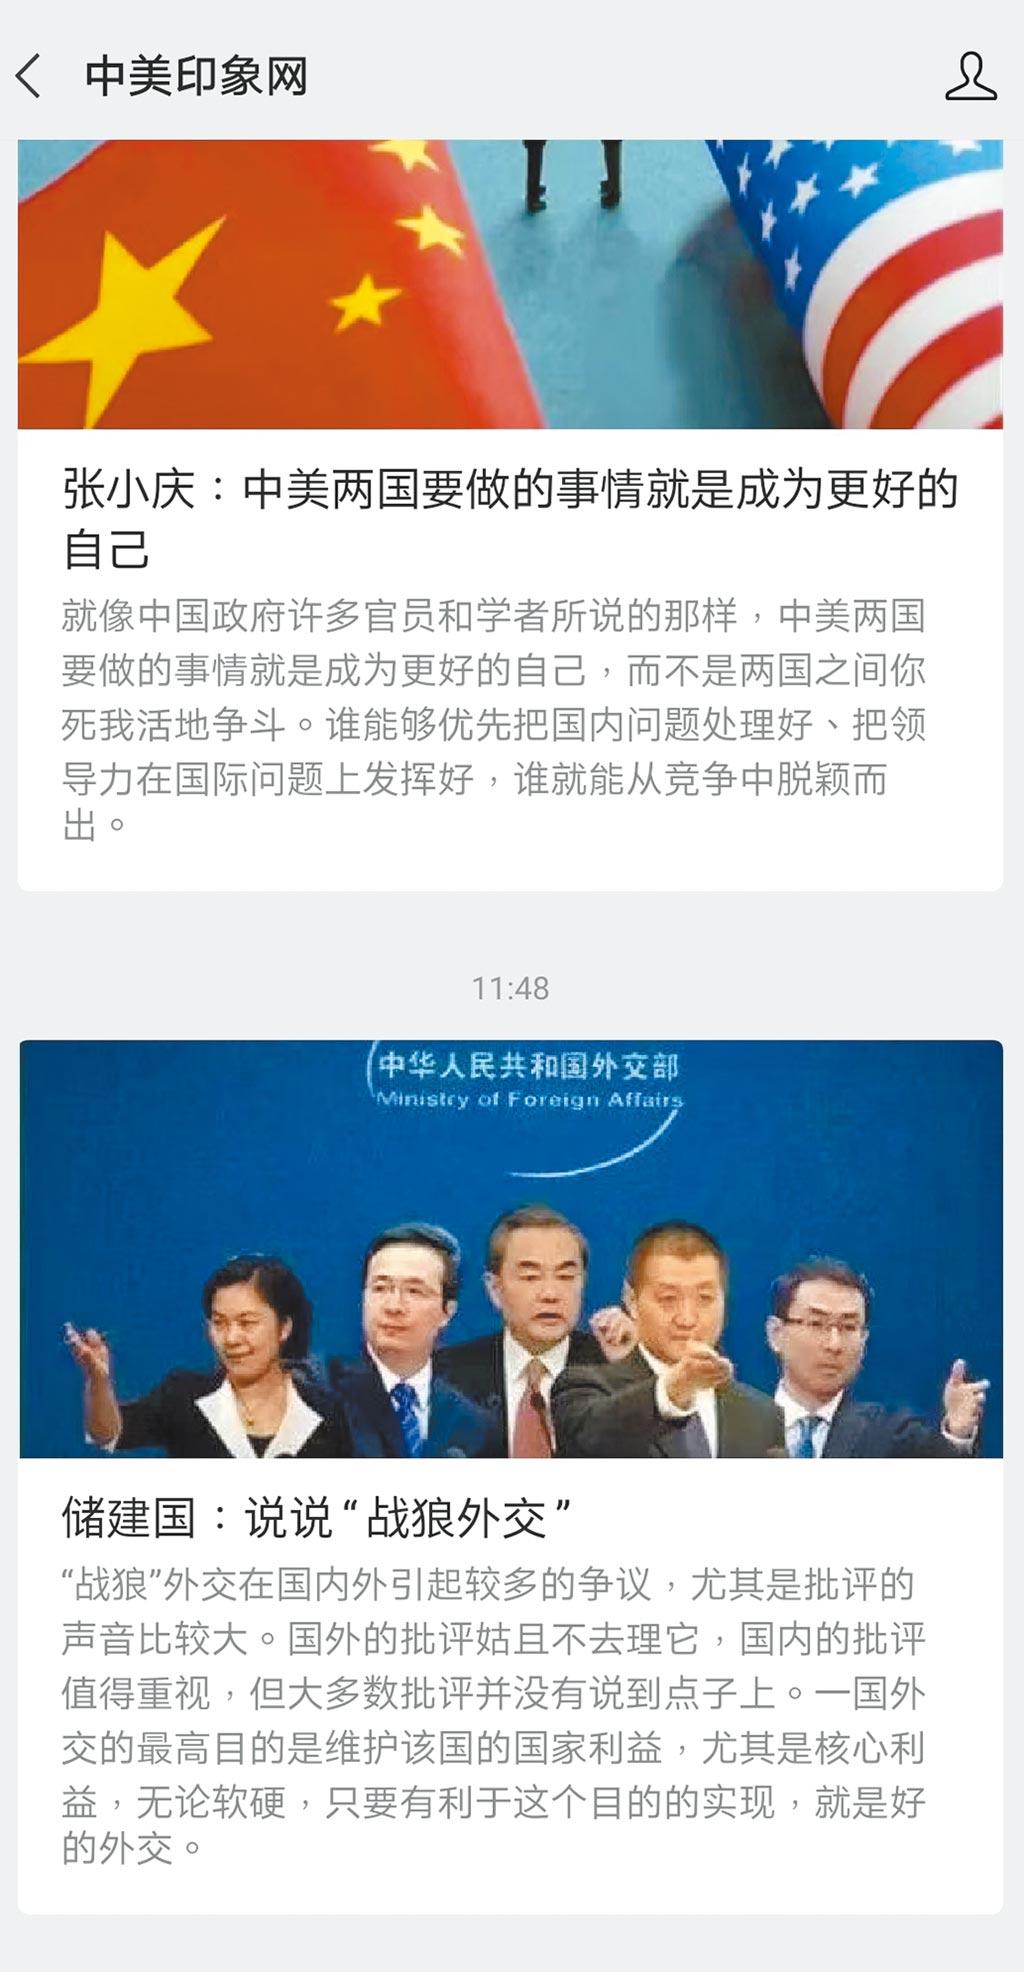 「中美印象網」微信公眾號6日刊登武漢大學教授儲建國反思戰狼外交的文章,遭檢舉下架。(摘自微信截圖)